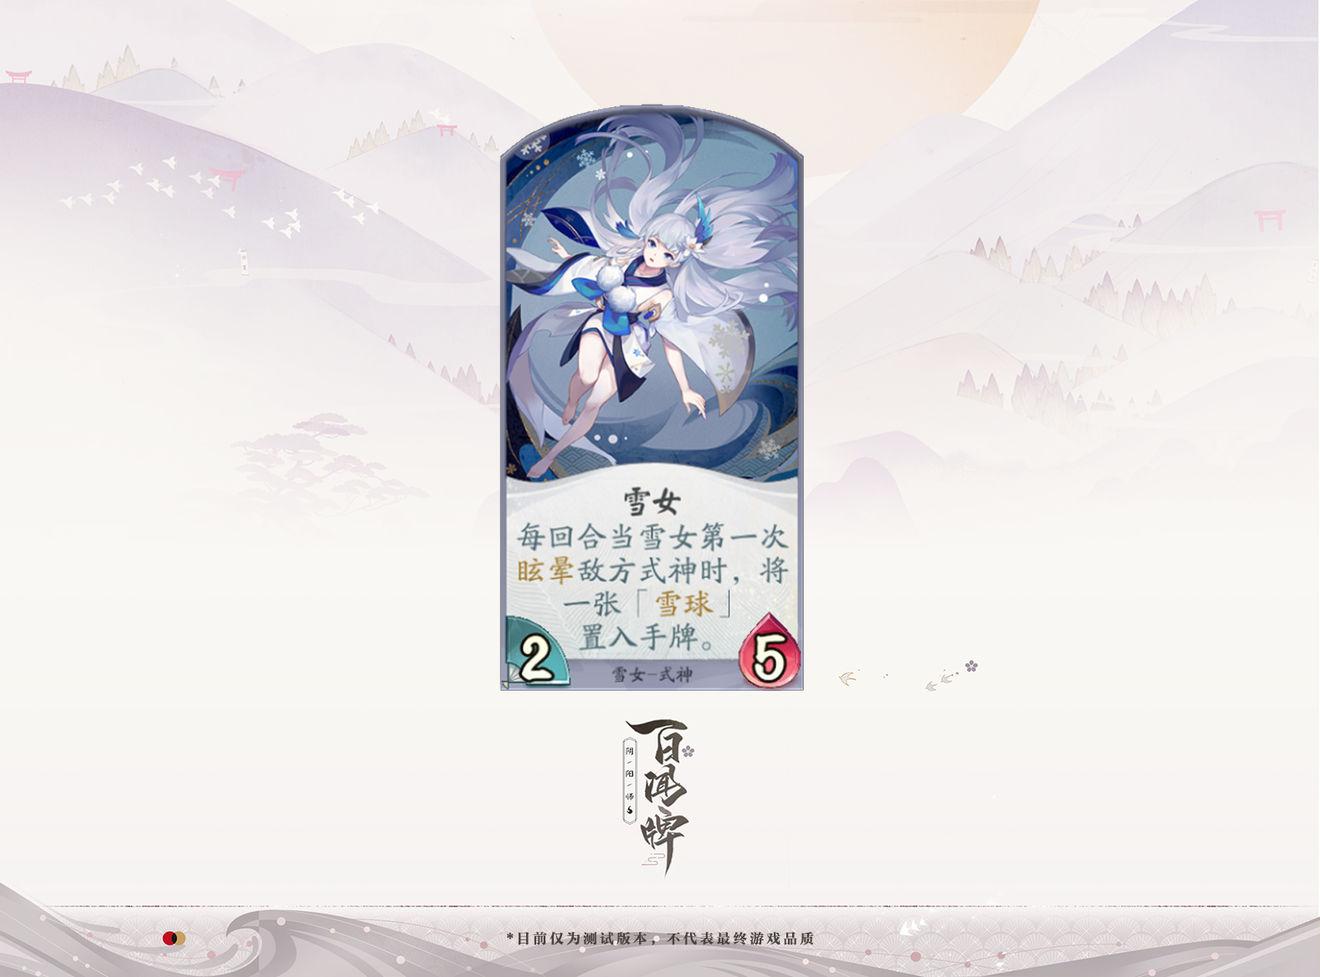 阴阳师百闻牌雪女式神介绍 雪女卡组详解及卡面图片分享